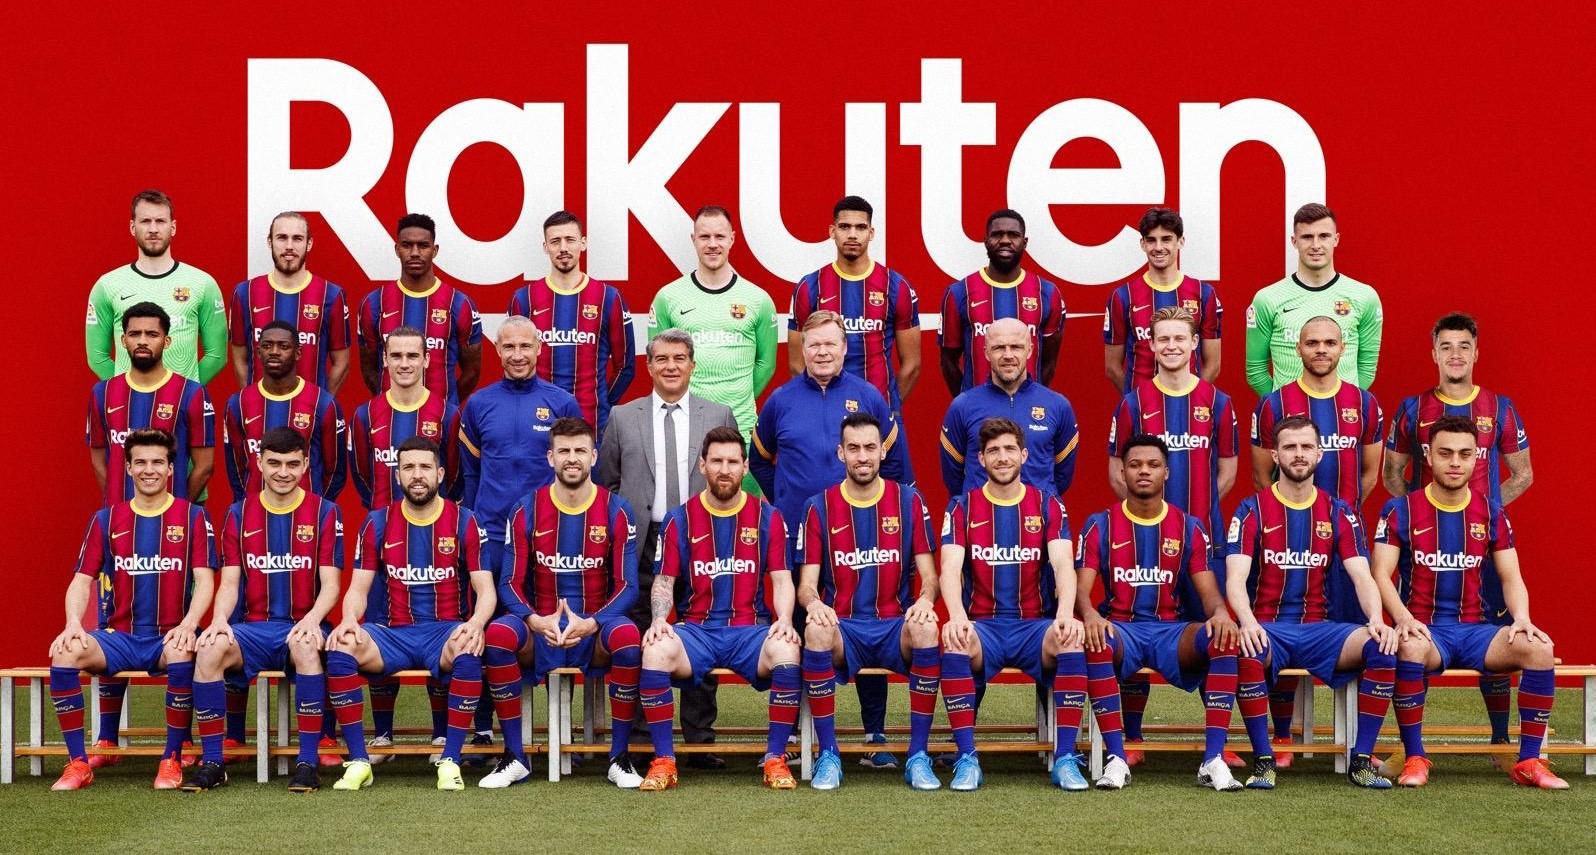 Le FC Barcelone est-il en crise ?